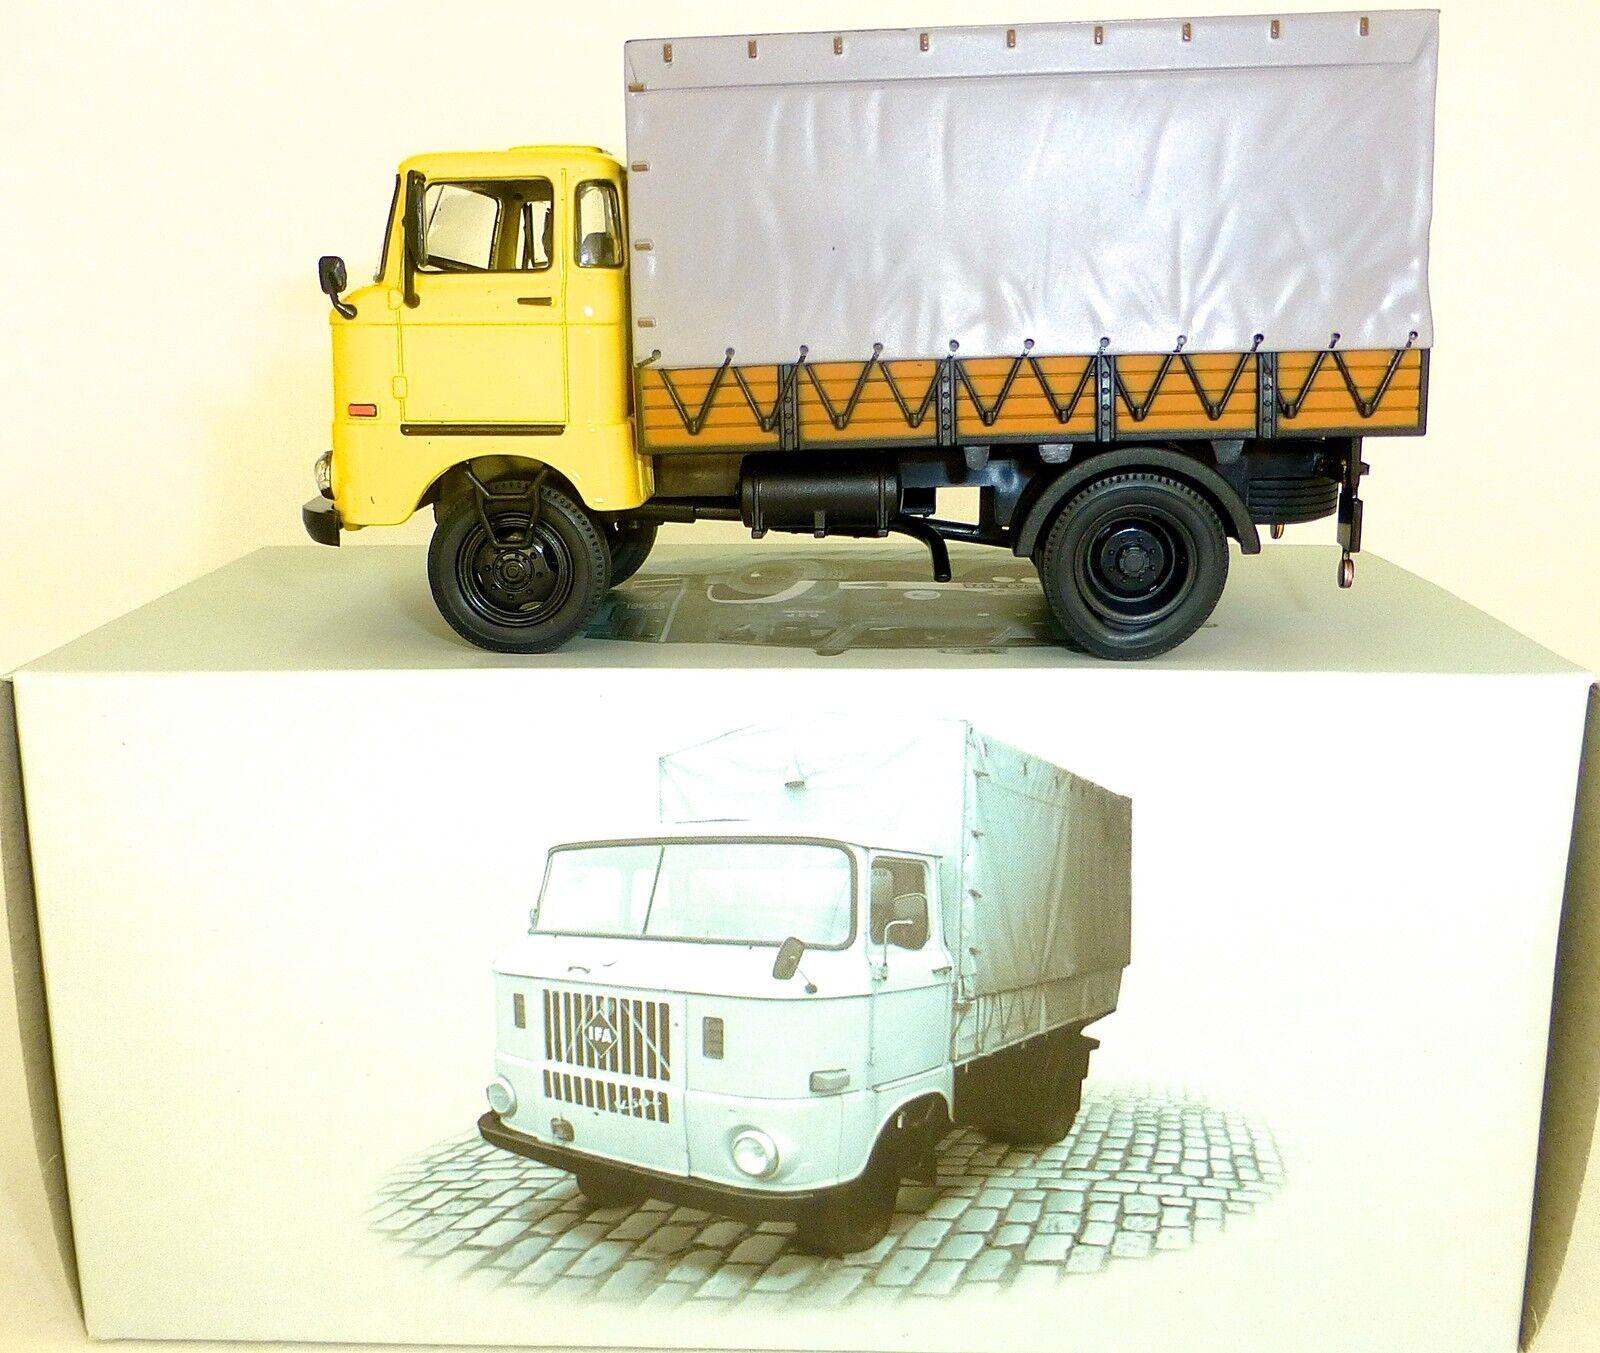 Ifa W50 L Bâche de Camion à Plat Cabine D'Opérateur yellow 1 43 Atlas Est Neuf